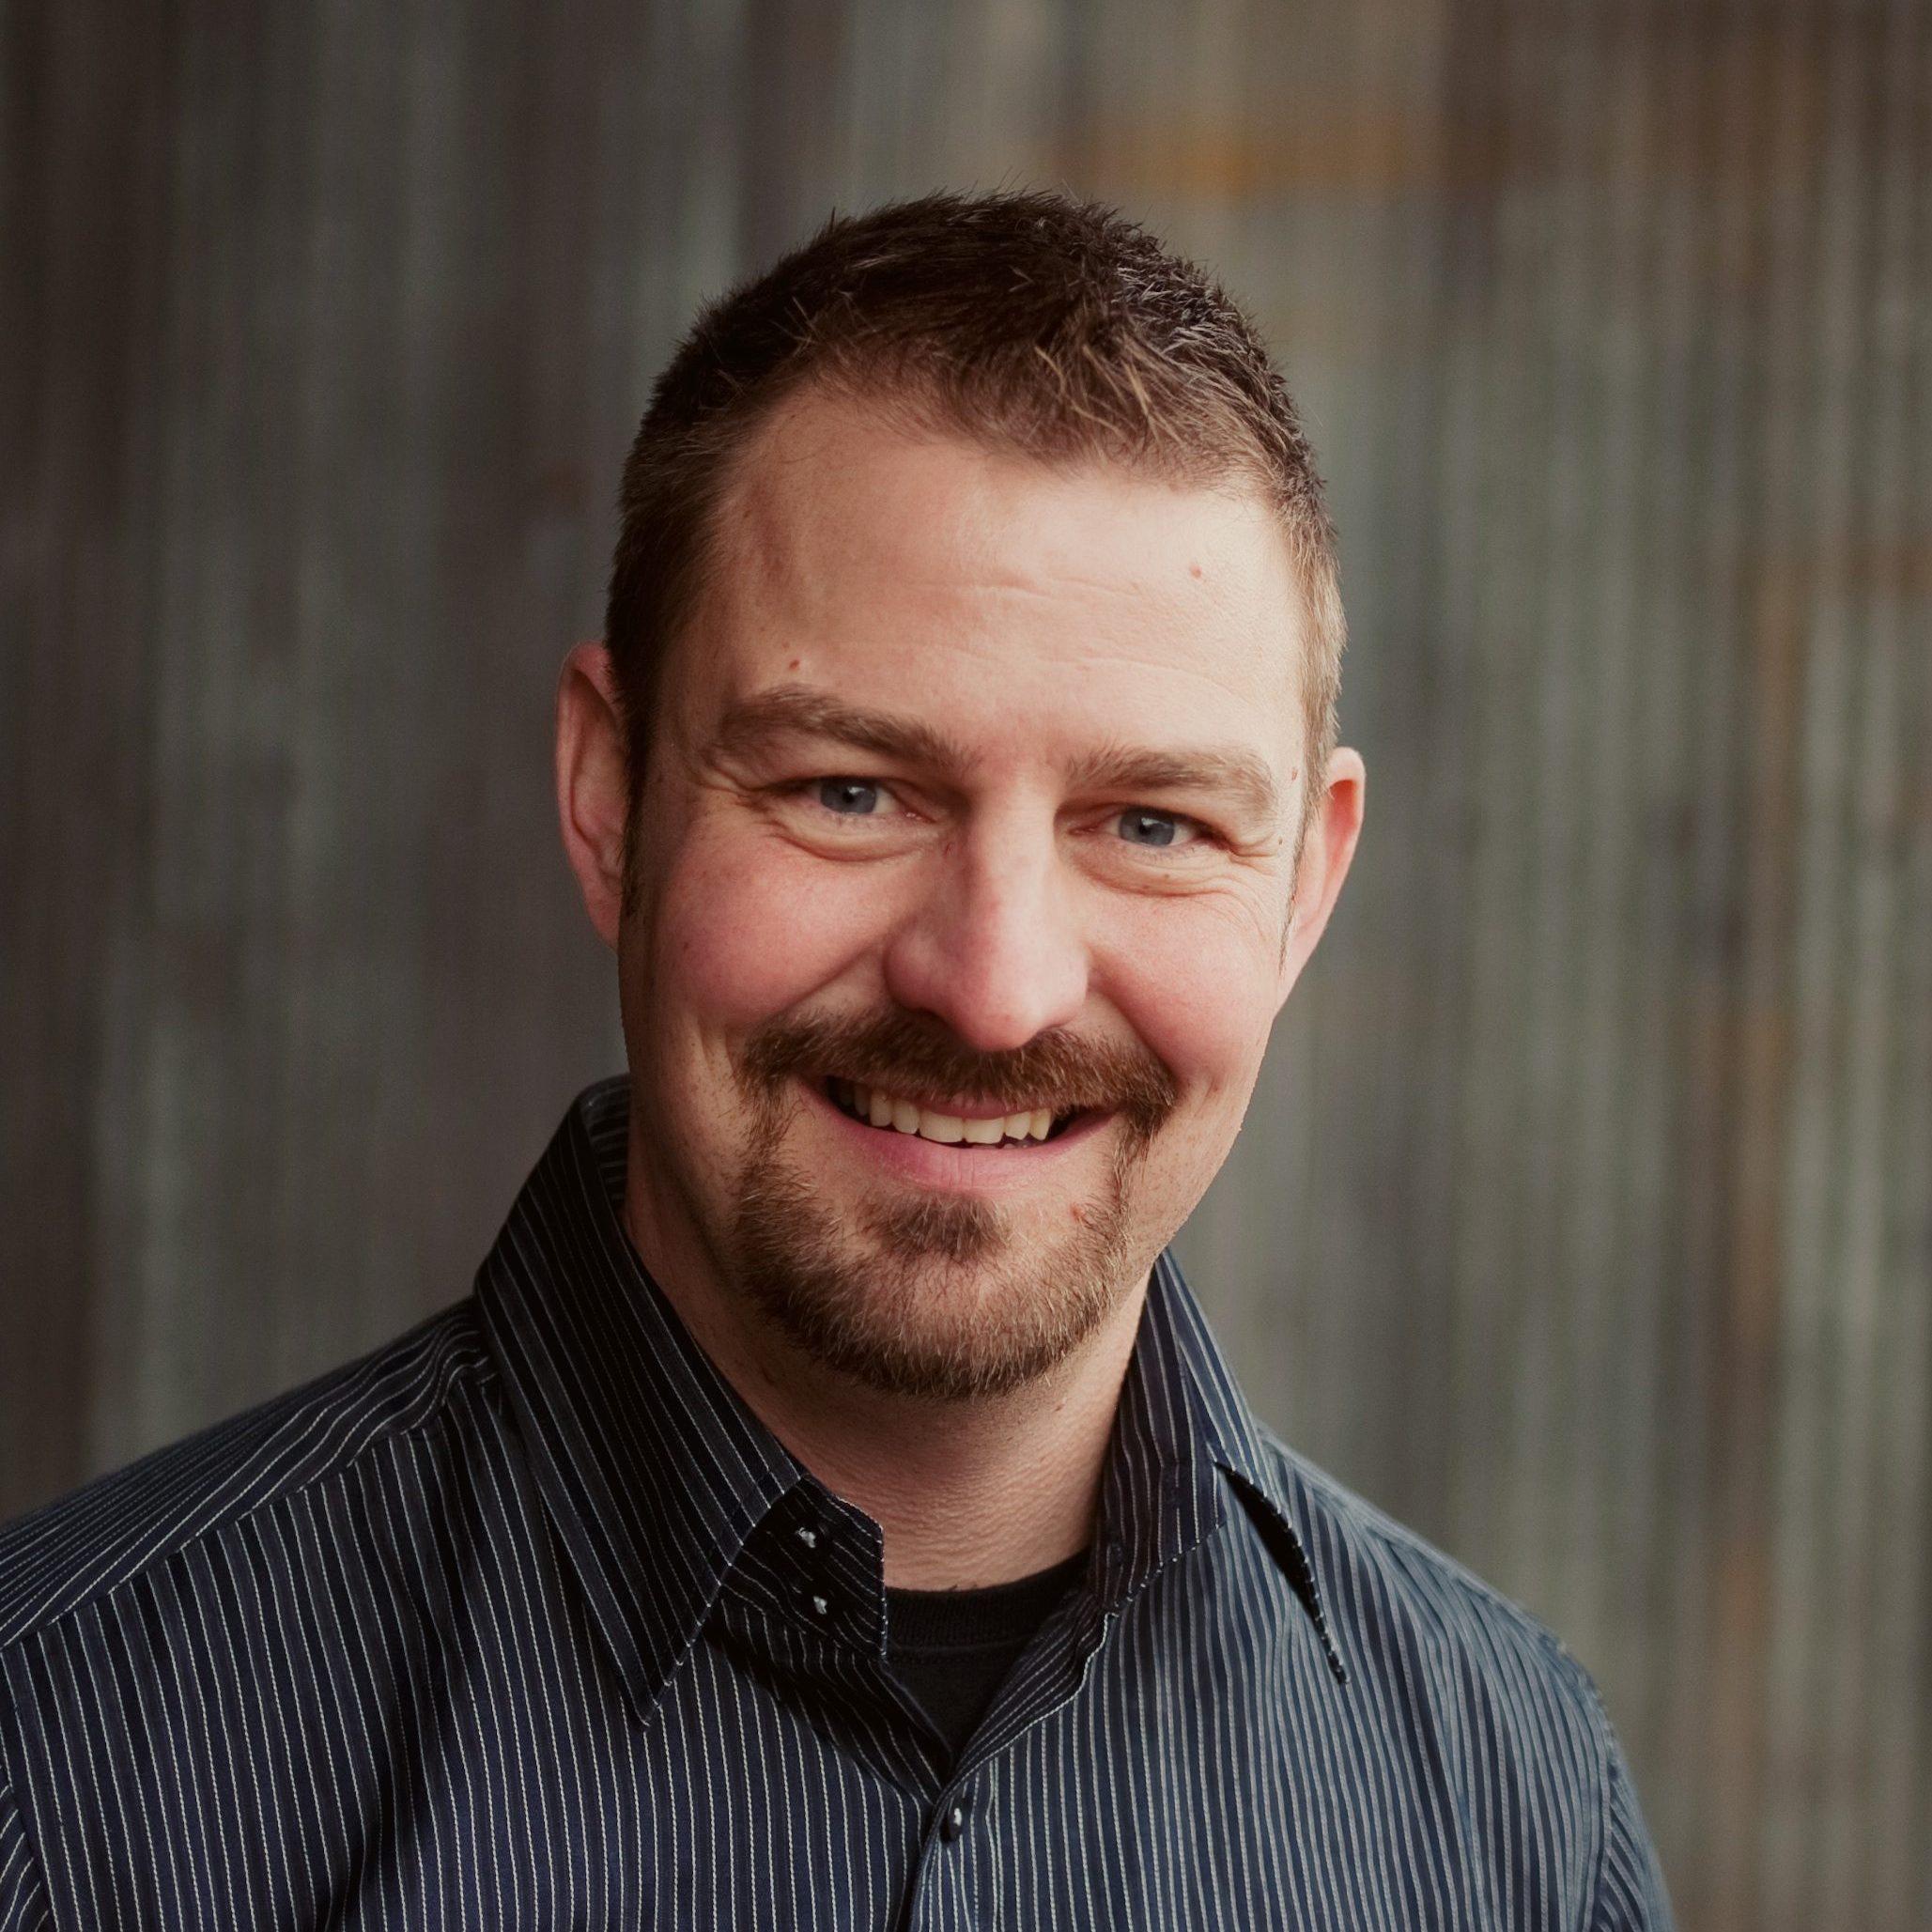 Jeff Vanderstelt